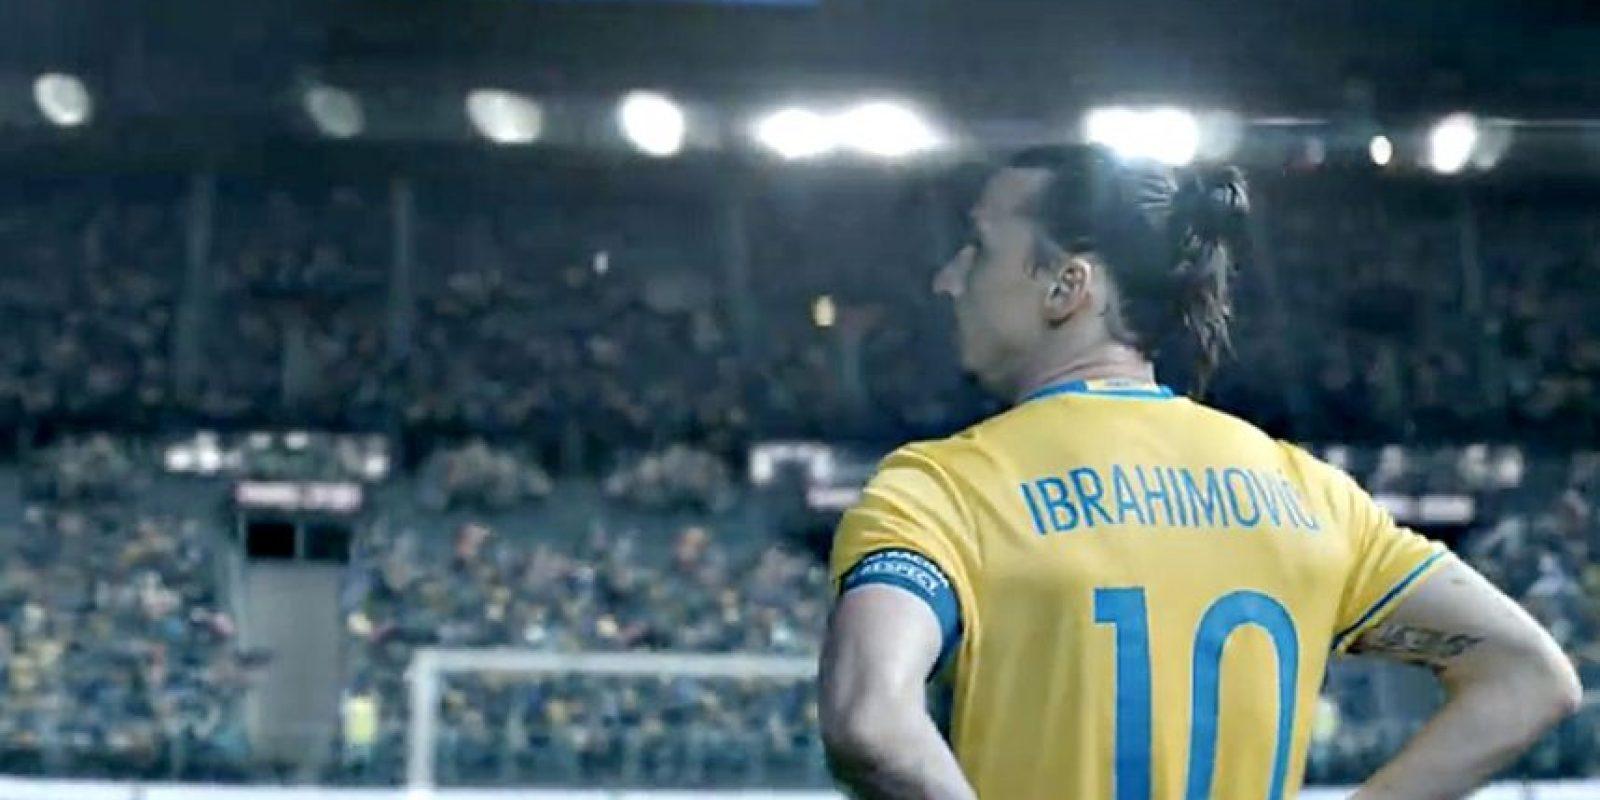 Terminó la era de Zlatan Ibrahimovic con su selección. Foto:Vía facebook.com/ZlatanIbrahimovic